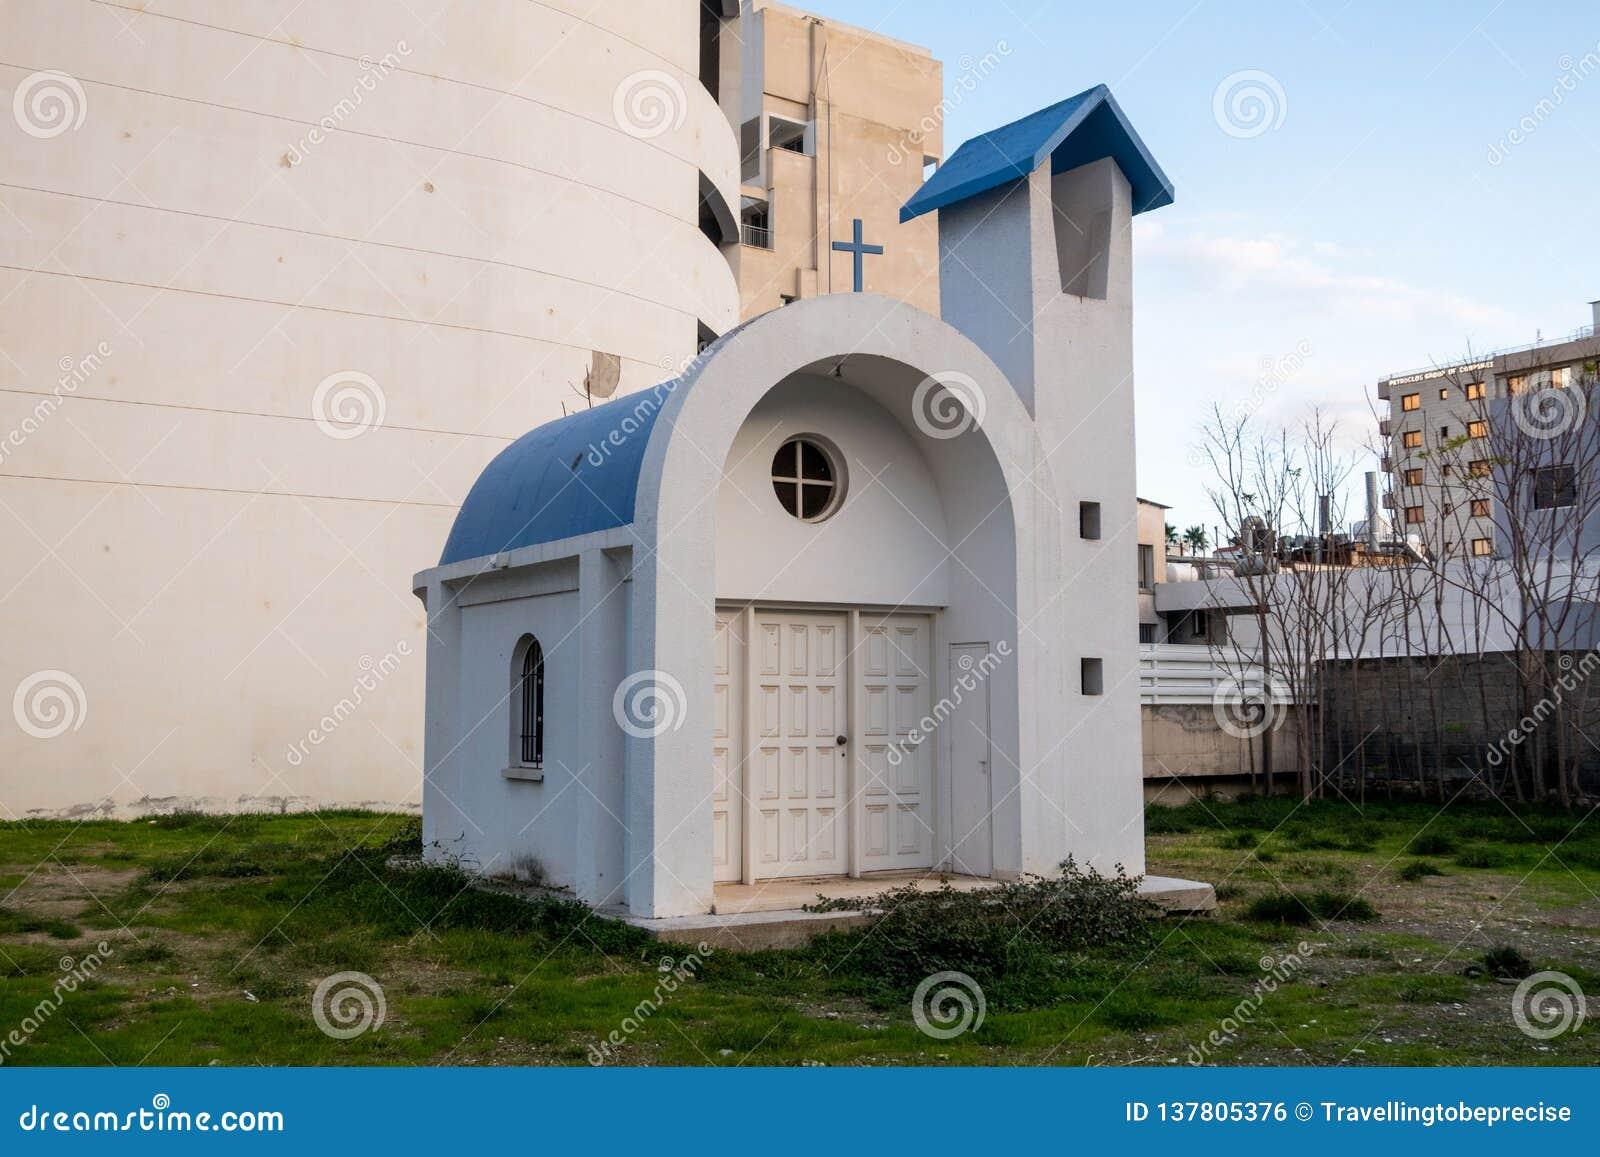 Kleinst van kerken, die van mening worden belemmerd